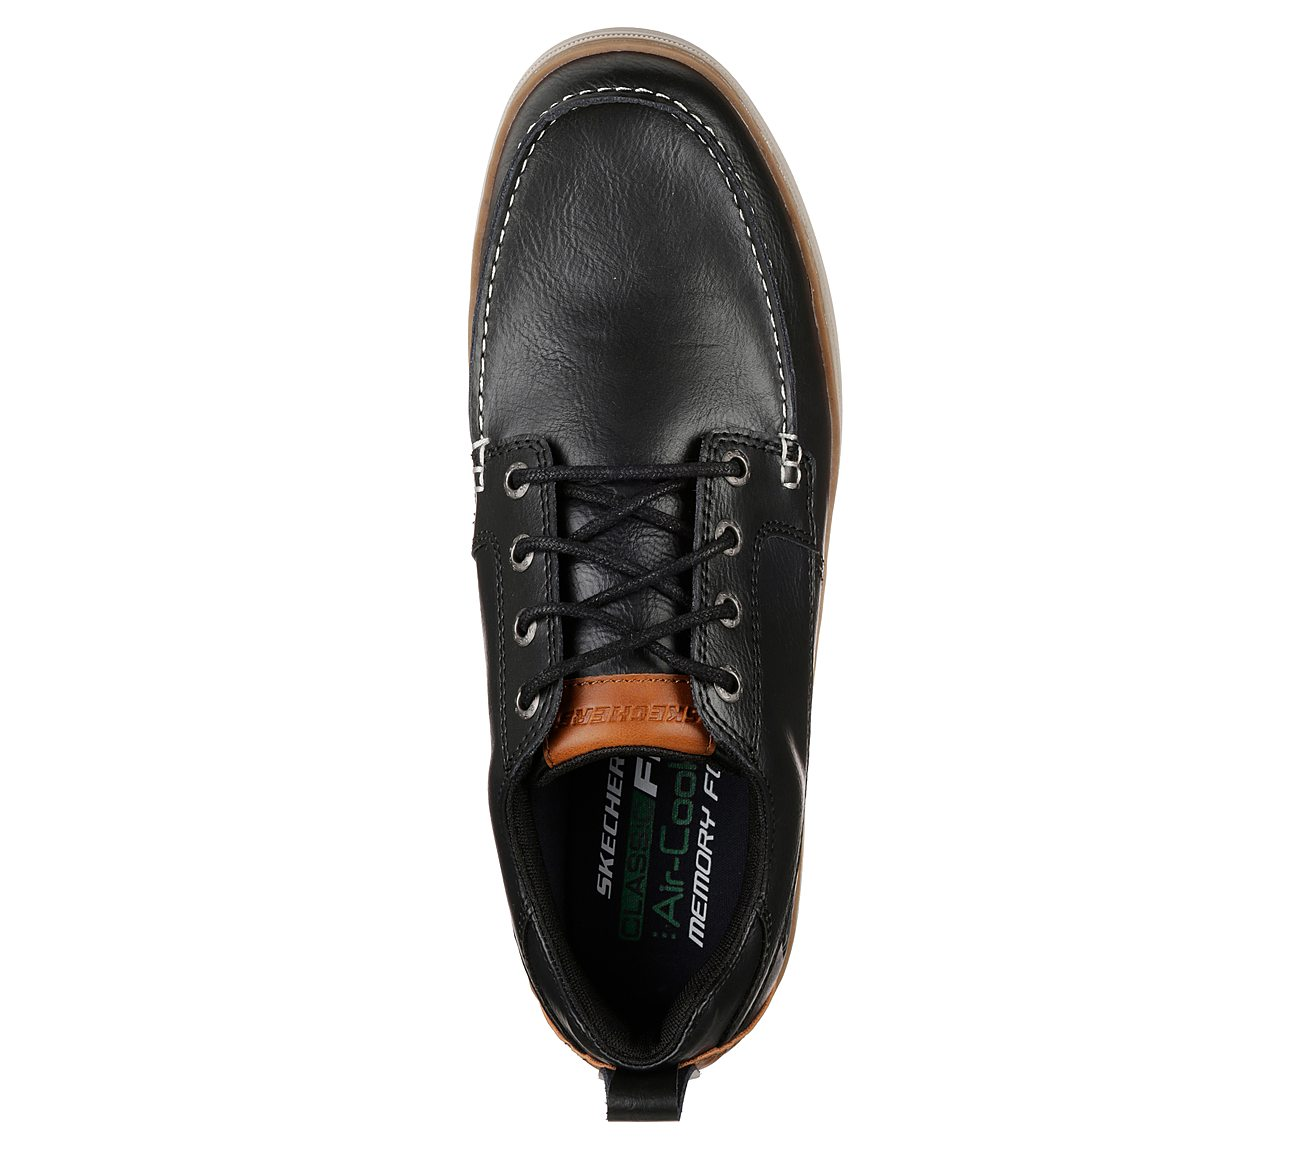 Mayo Dardos abortar  Buy SKECHERS Heston - Sendo USA Casuals Shoes